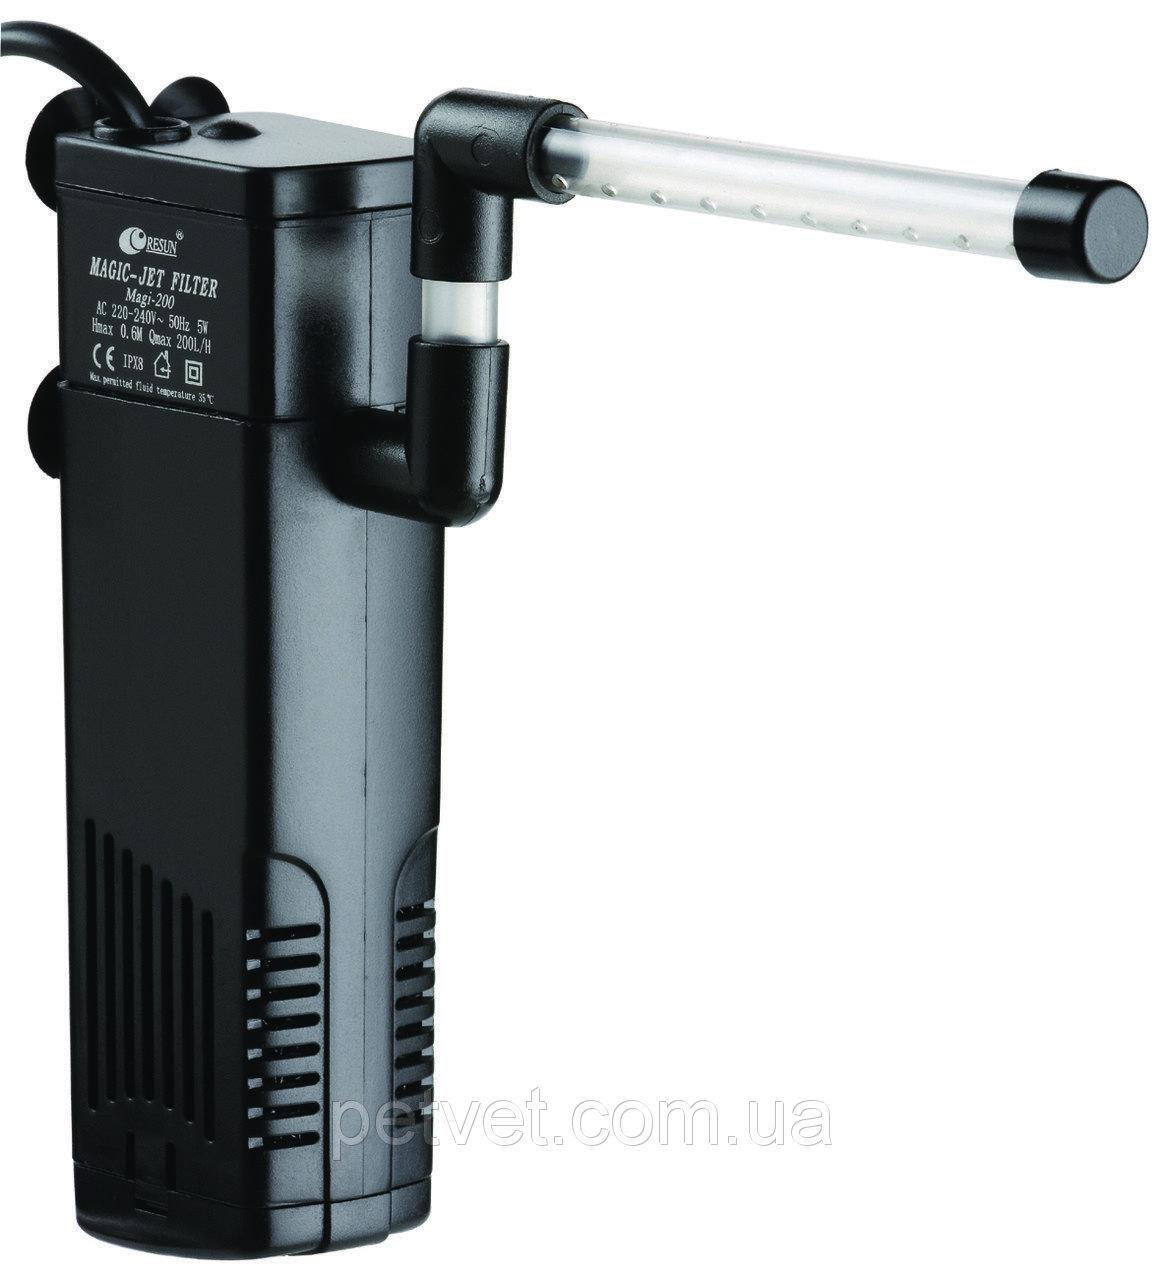 Внутренний фильтр для аквраиума до 50 л Resun Magi 200 (200 л/ч, 5 Вт)